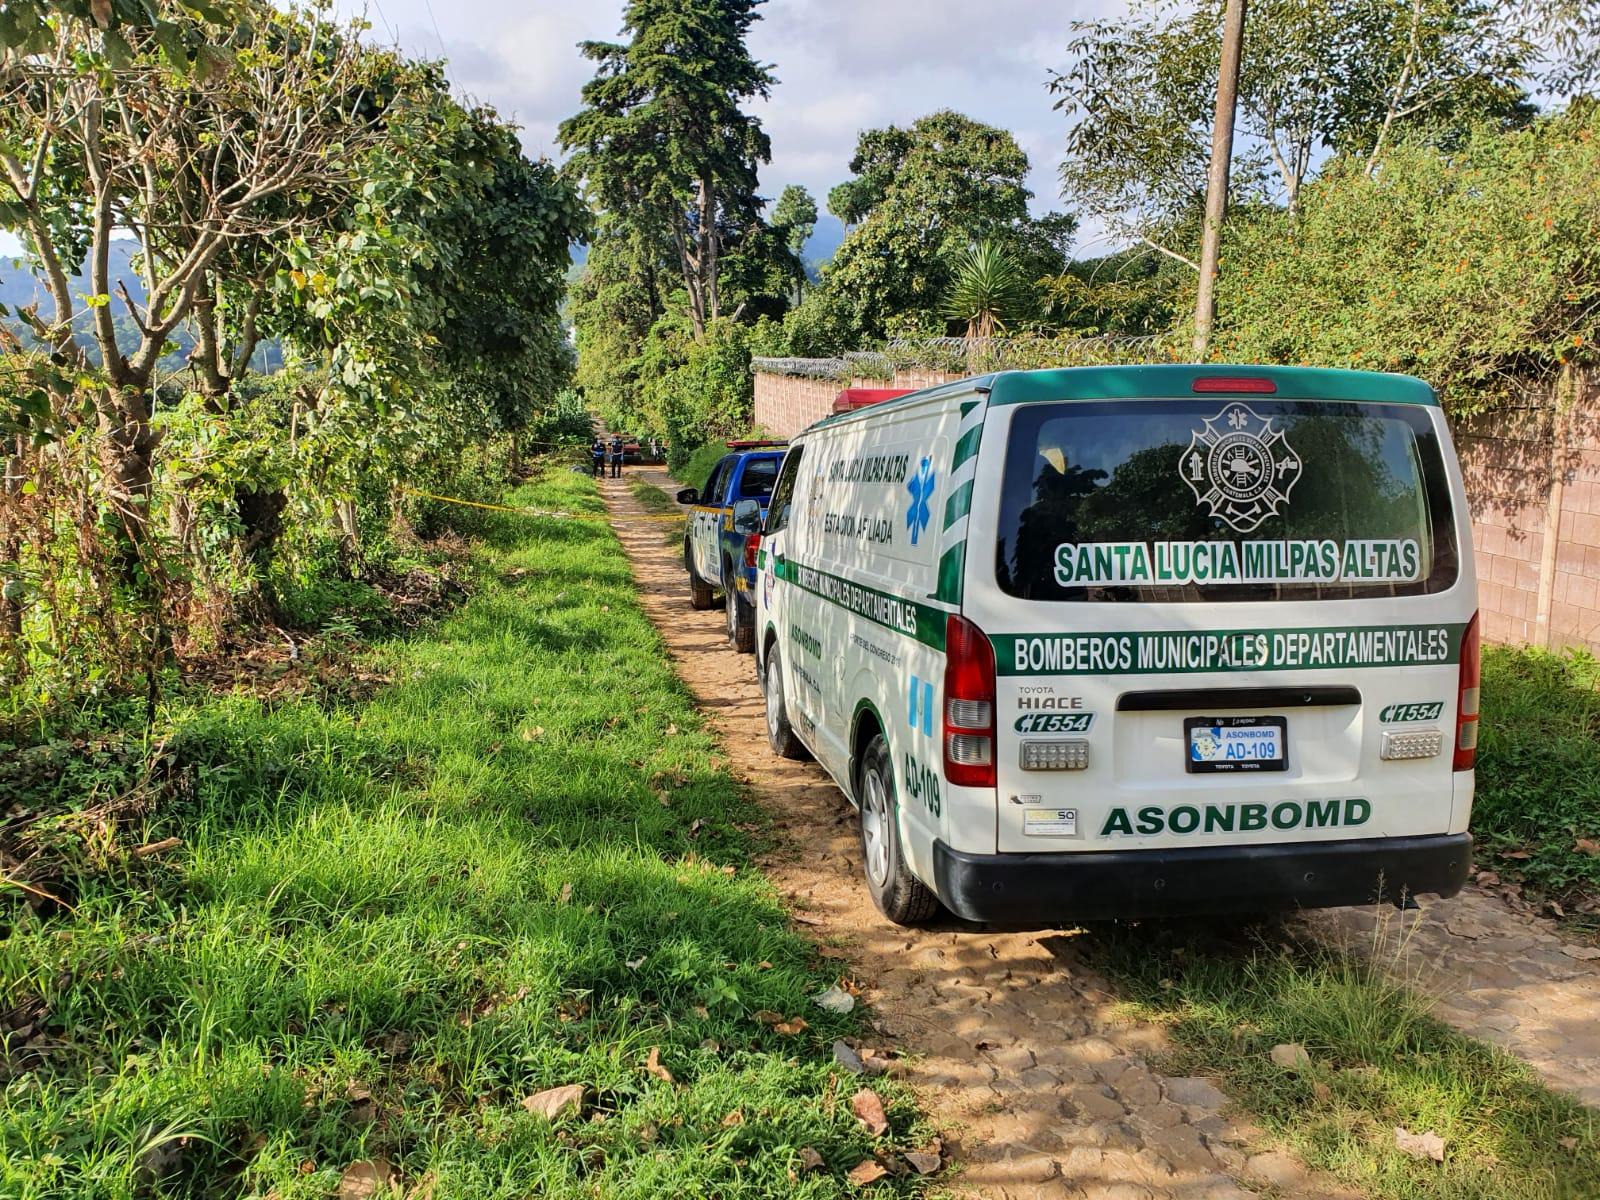 Localizan los cuerpos de tres mujeres, dos de las cuales están desaparecidas y alertadas por Isabel Claudina - Prensa Libre